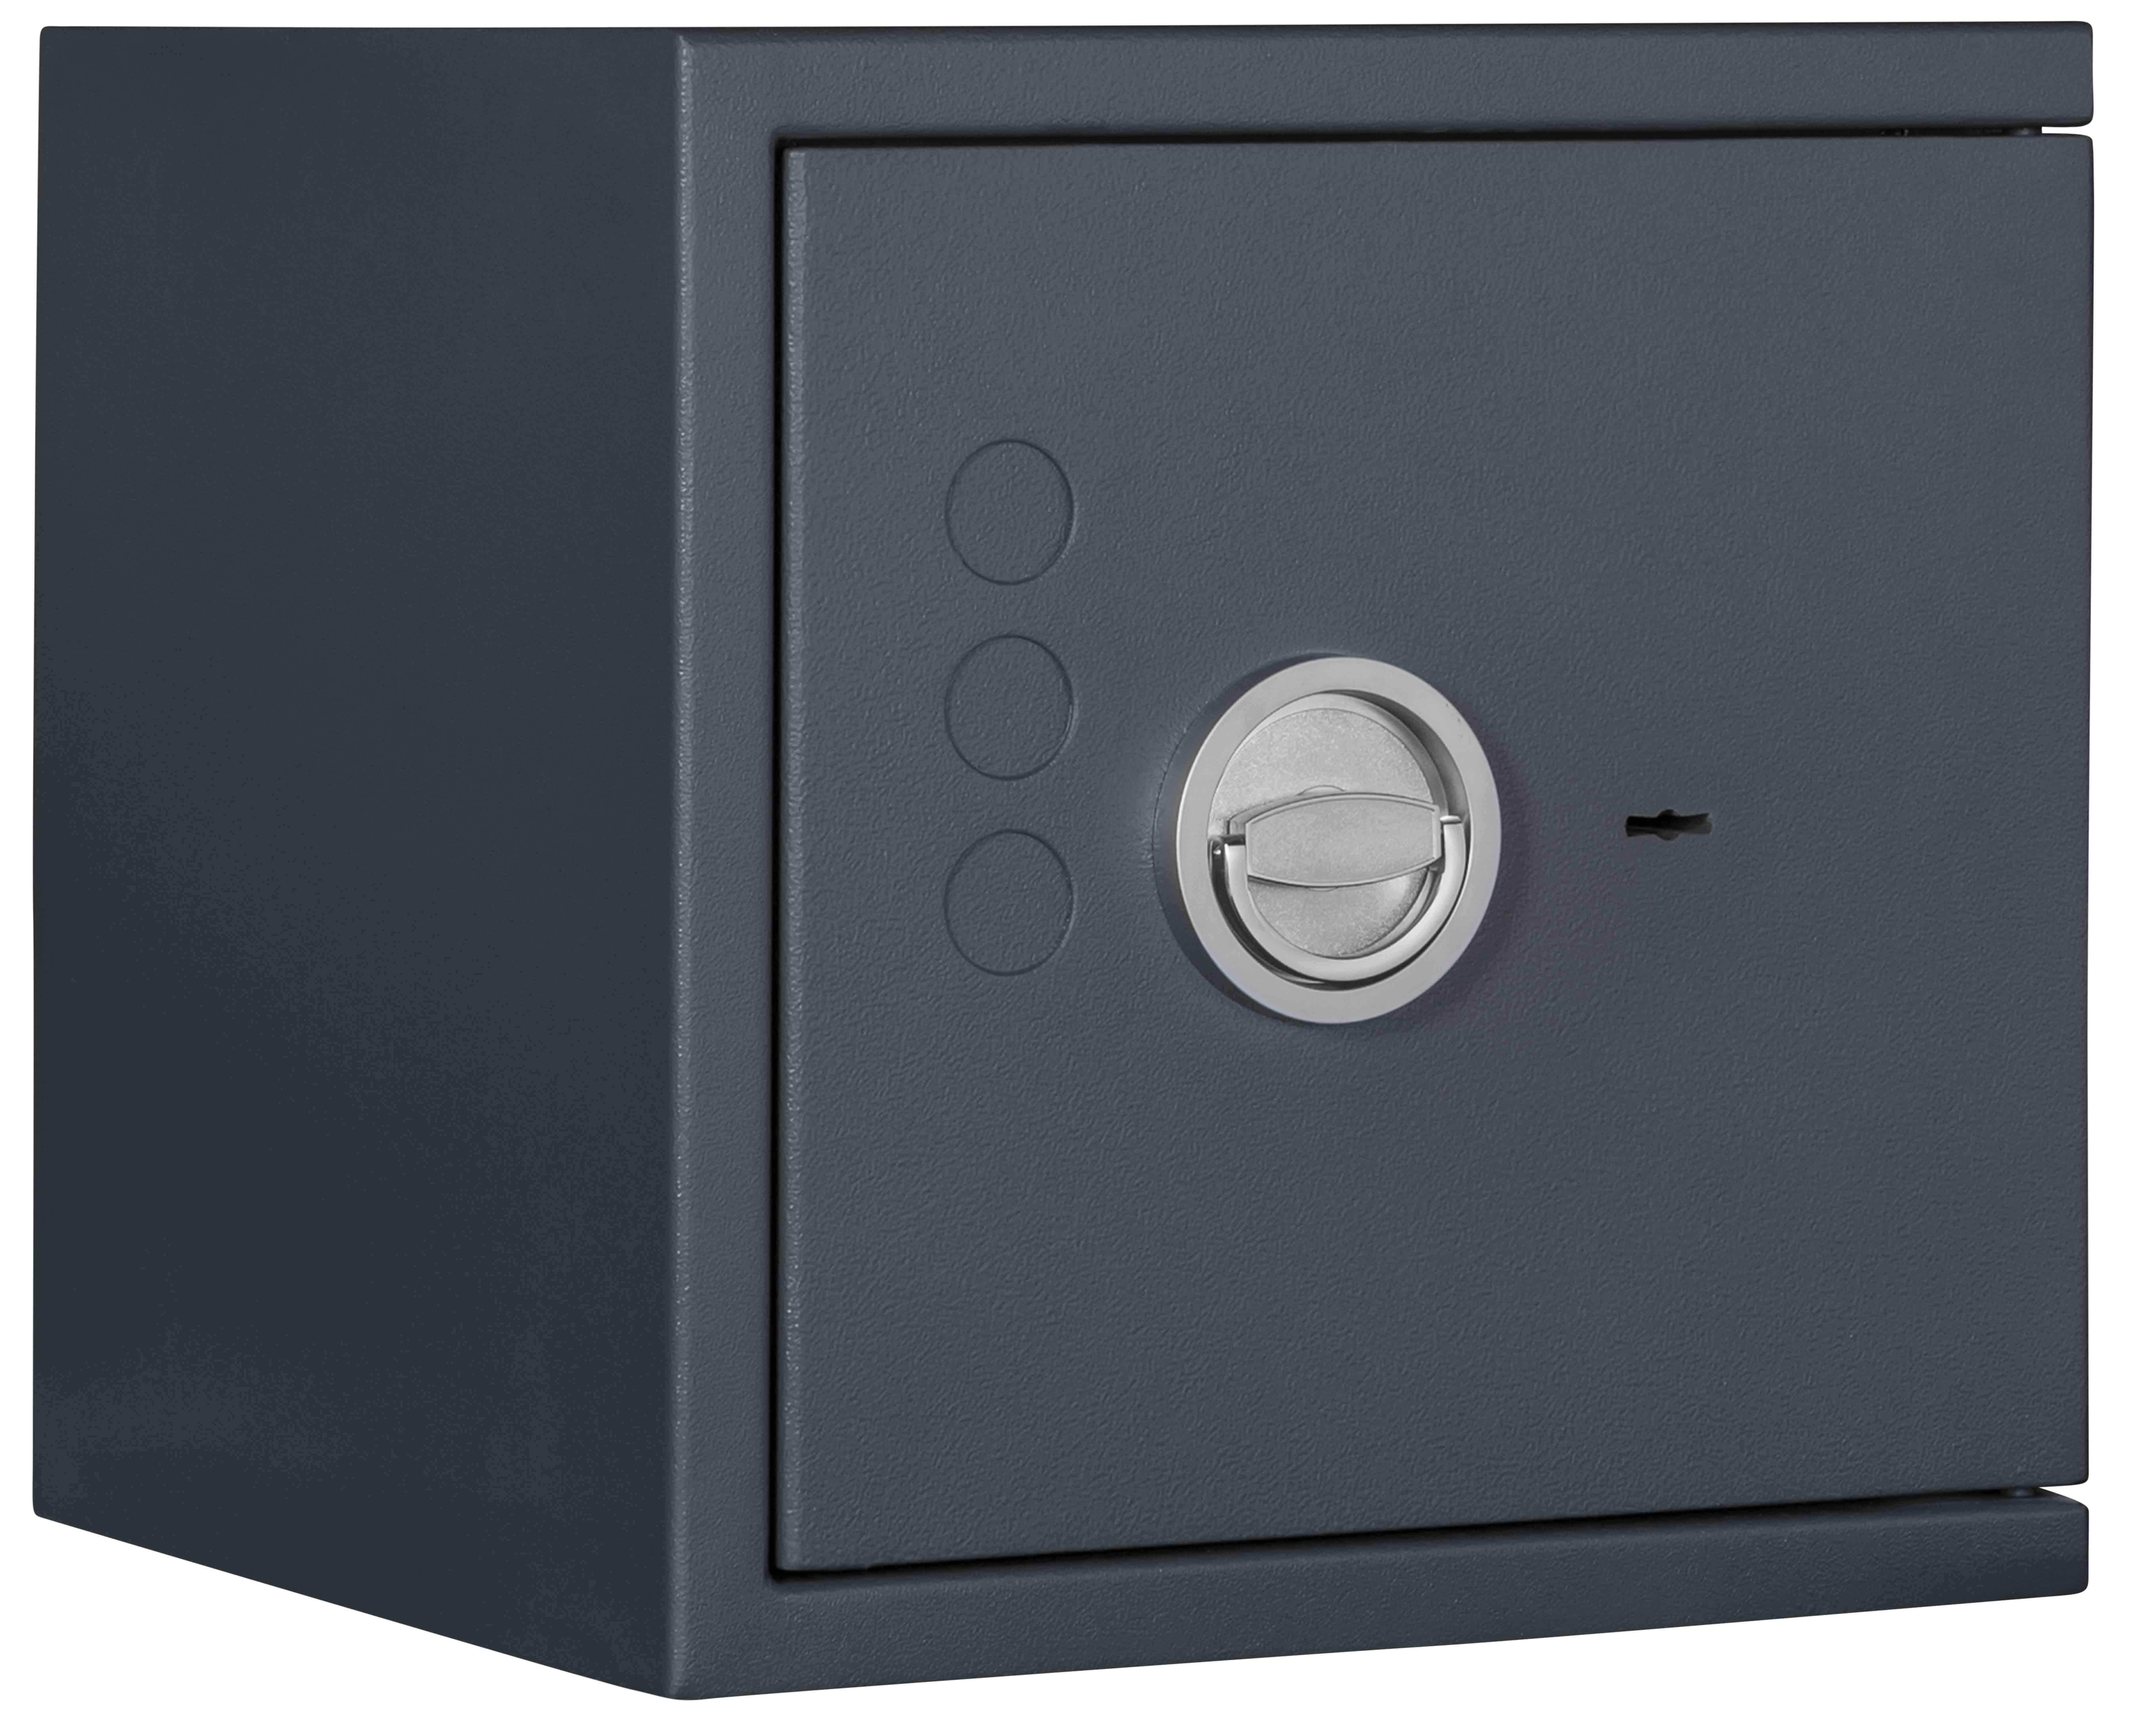 Beliebt Wertschutz Tresor Lyra 2 EN 1143-1 Home Safe ZA49